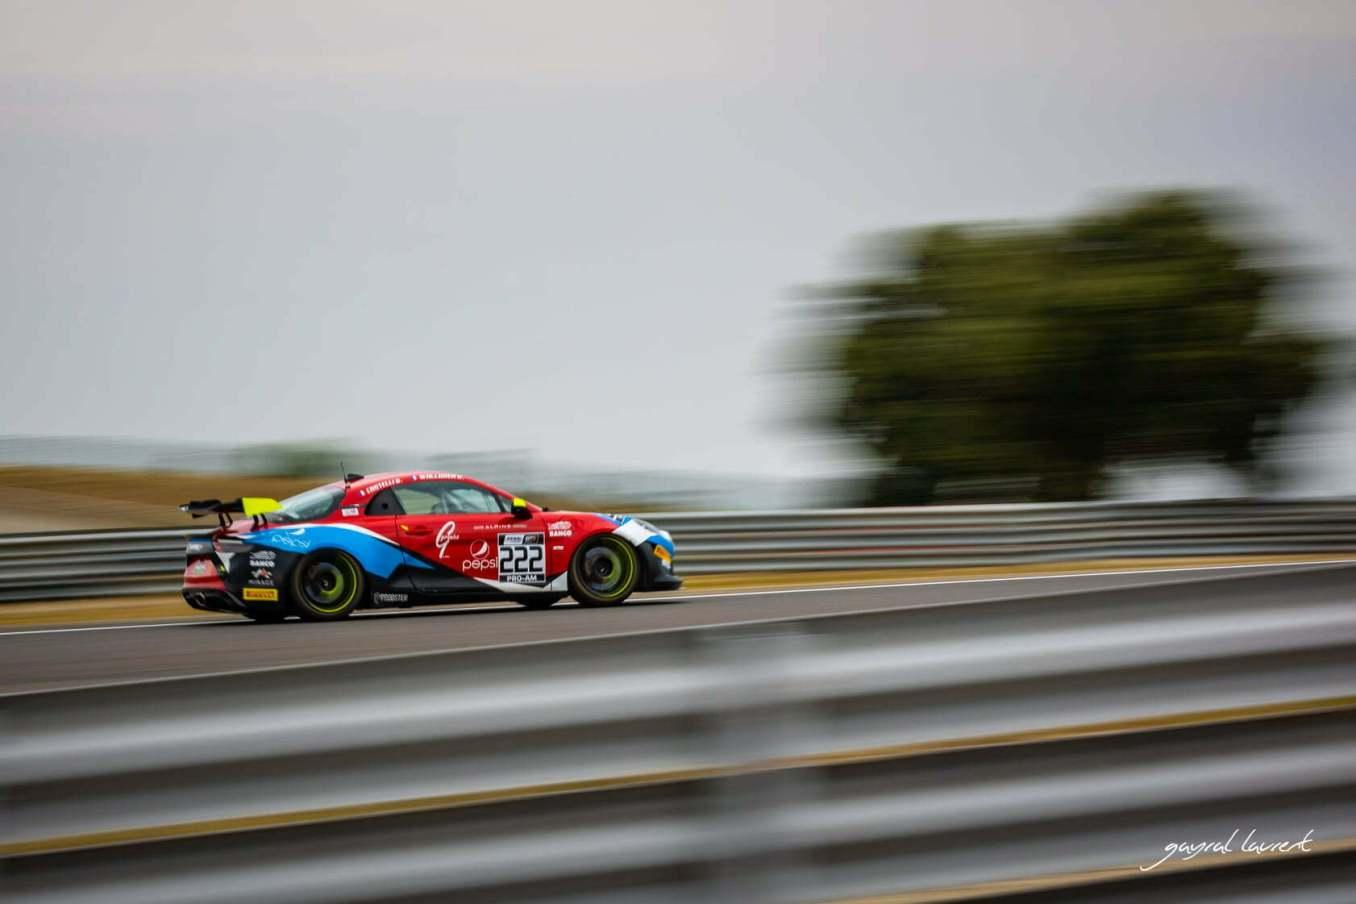 FFSA GT4 Alpine A110 Prost Redele Servol Ledenon 2021 24 | FFSA GT : Les duos Rédélé - Coubard et Ferté - Demoustier en P2 dans leurs catégories respectives à Lédenon